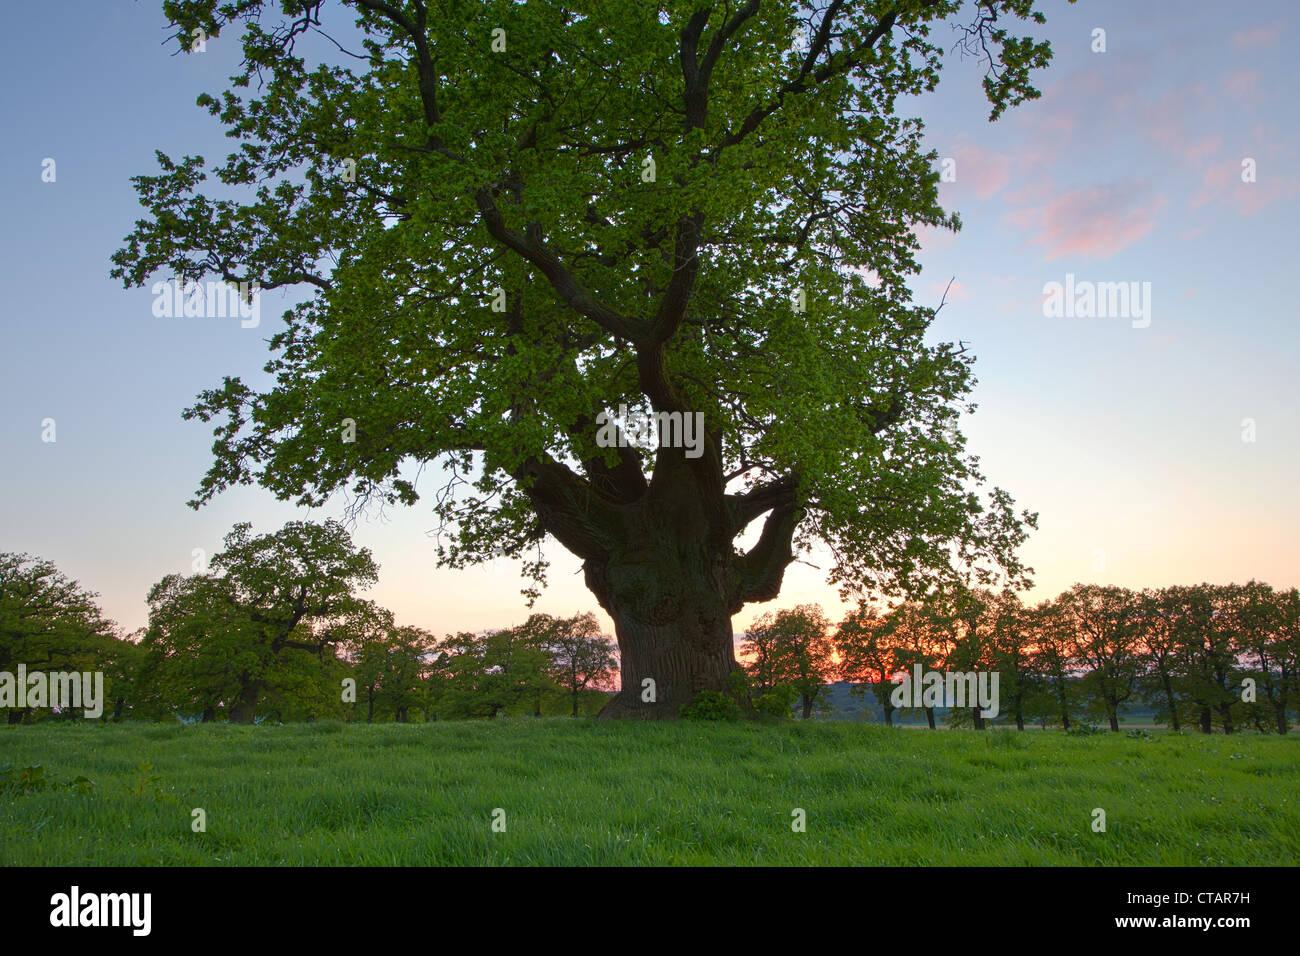 Old oak tree at sunset, Reinhardswald, Hesse, Germany, Europe - Stock Image